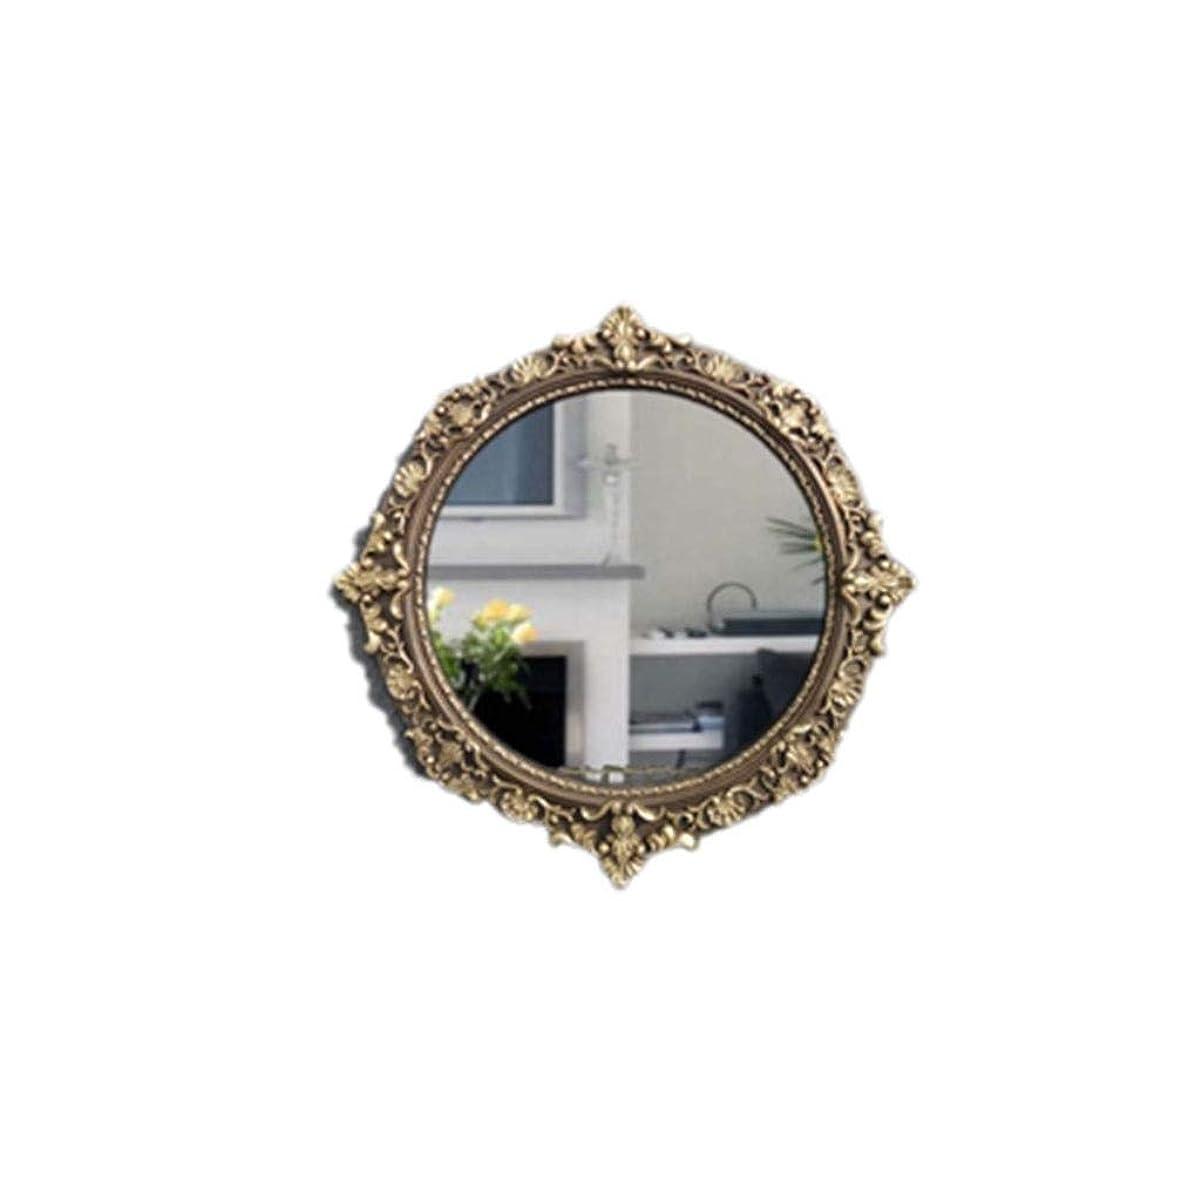 処方アッパードキドキ明るい鏡 レトロなラウンドミラー、ヨーロピアンスタイルの彫刻装飾的な鏡防水浴室の化粧鏡カフェウォールマウントミラー47 * 47センチメートル メイクアップとミラー (Size : 47*47CM)